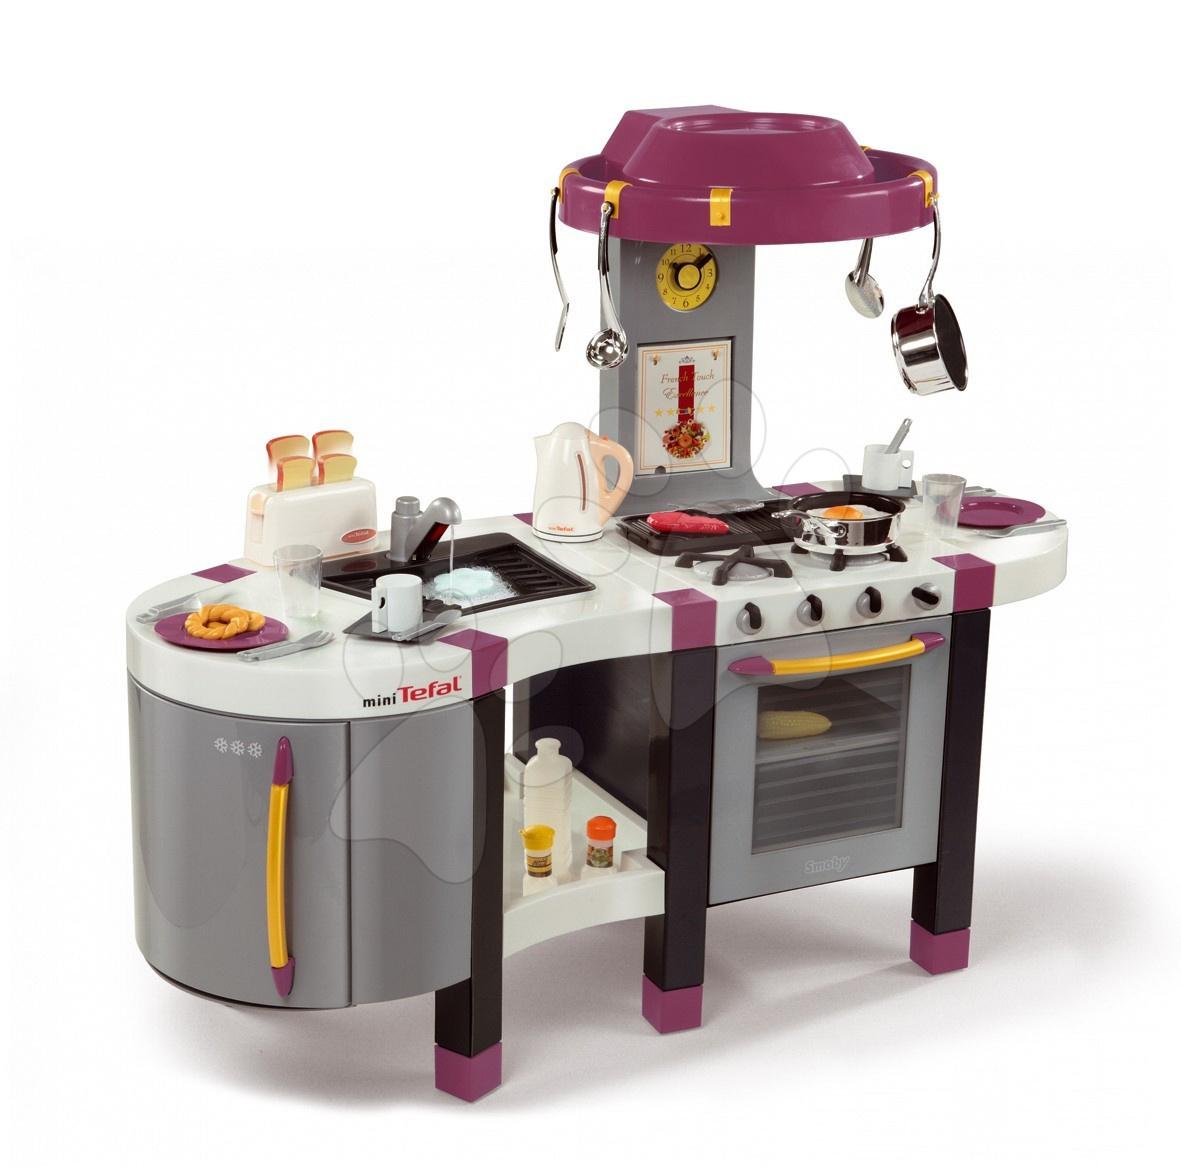 Smoby 24665 Kuhinja FRENCH TOUCH TEFAL Excellence bordovo-zlatá s tečúcou VODOU elektrická 115*41*97 cm